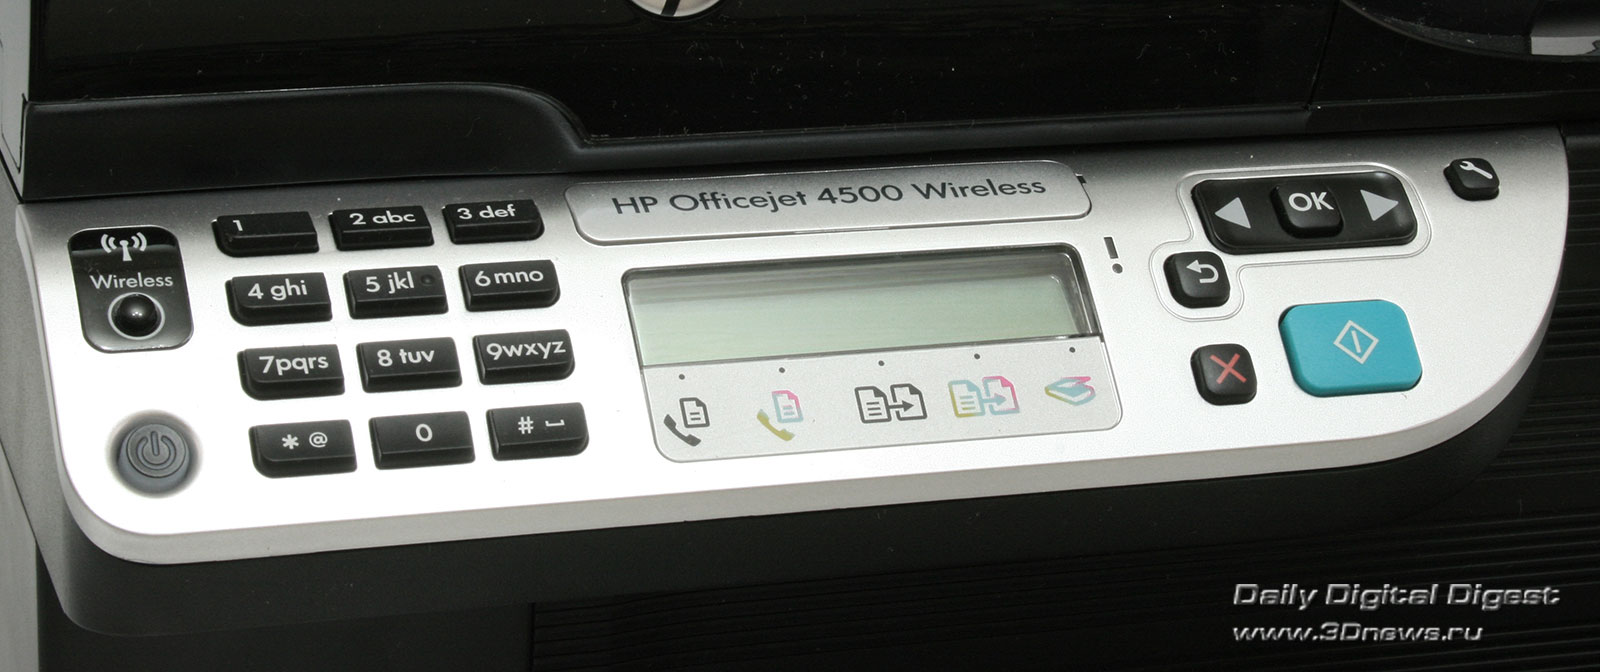 OFFICEJET DE LES HP 4500 PILOTES TÉLÉCHARGER